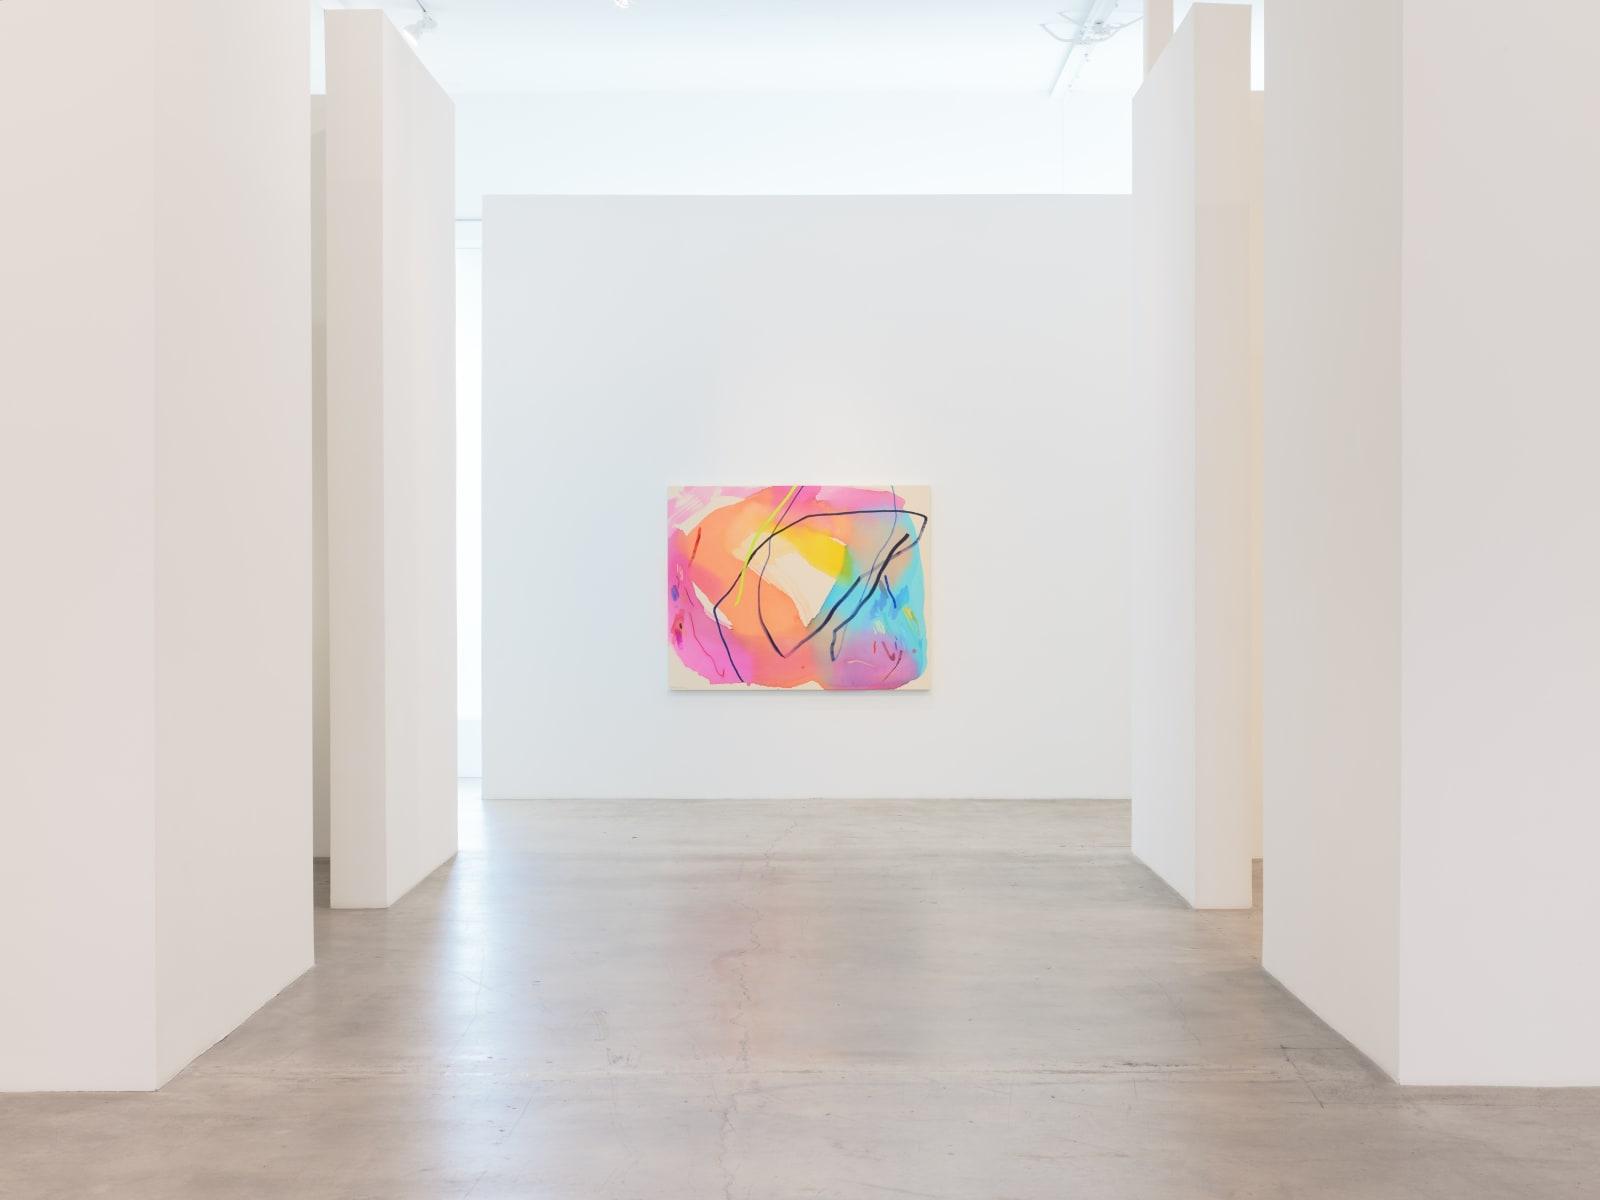 Installation view at Diane Rosenstein Gallery